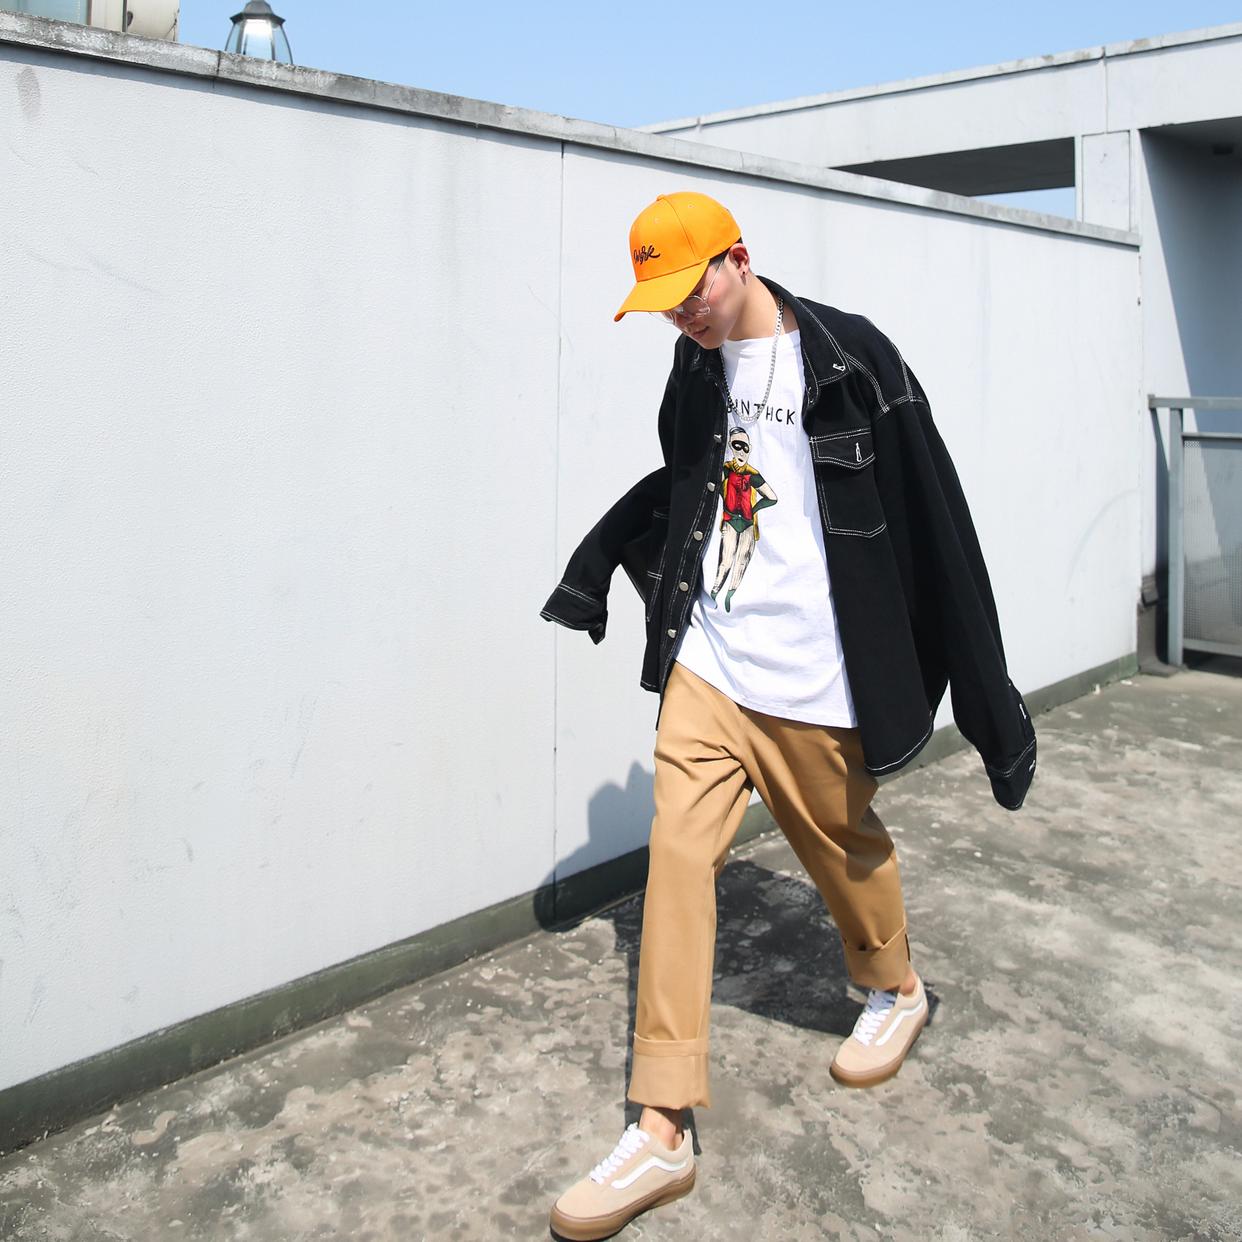 #最爱oversize#炒鸡宽大的牛仔衬衫外套+可爱印花T恤+休闲裤+vans板鞋。酷与趣味可爱真真是不冲突啊!